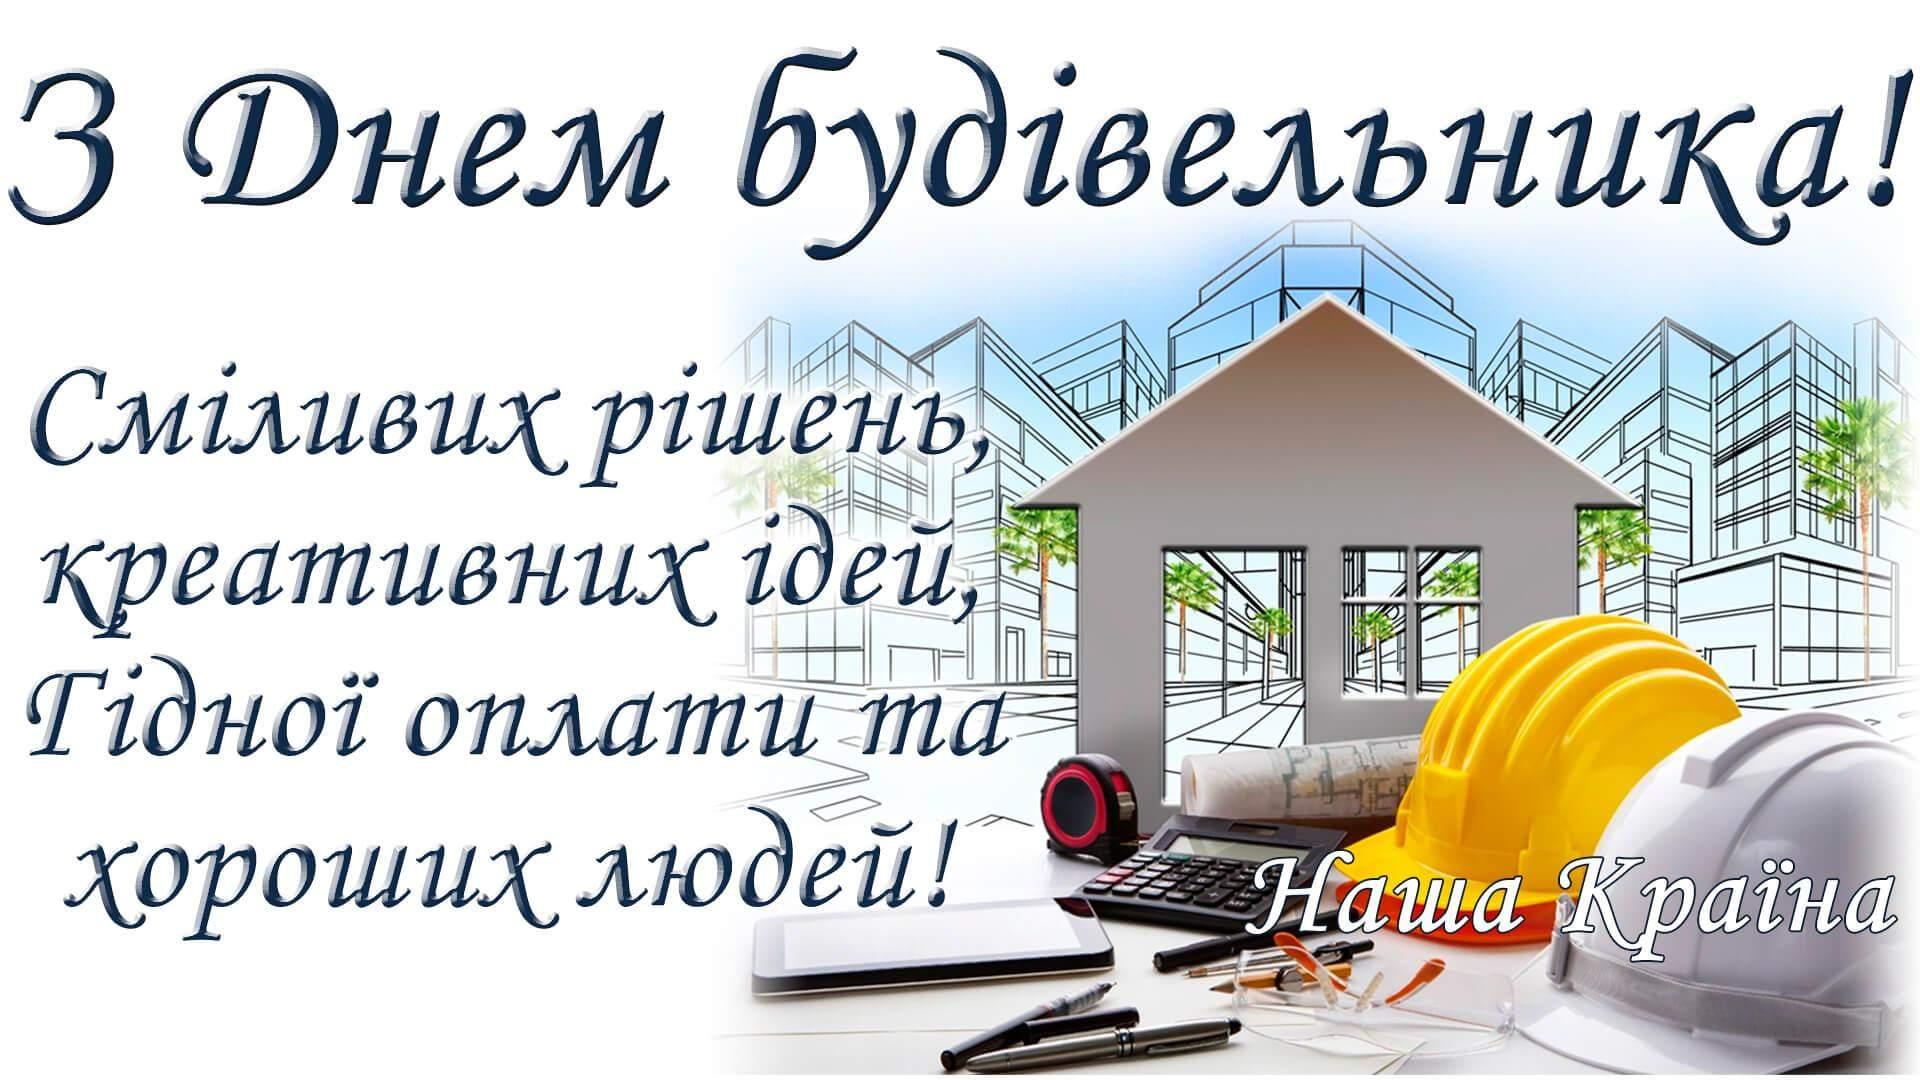 З Днем будівельника 2021 картинки листівки